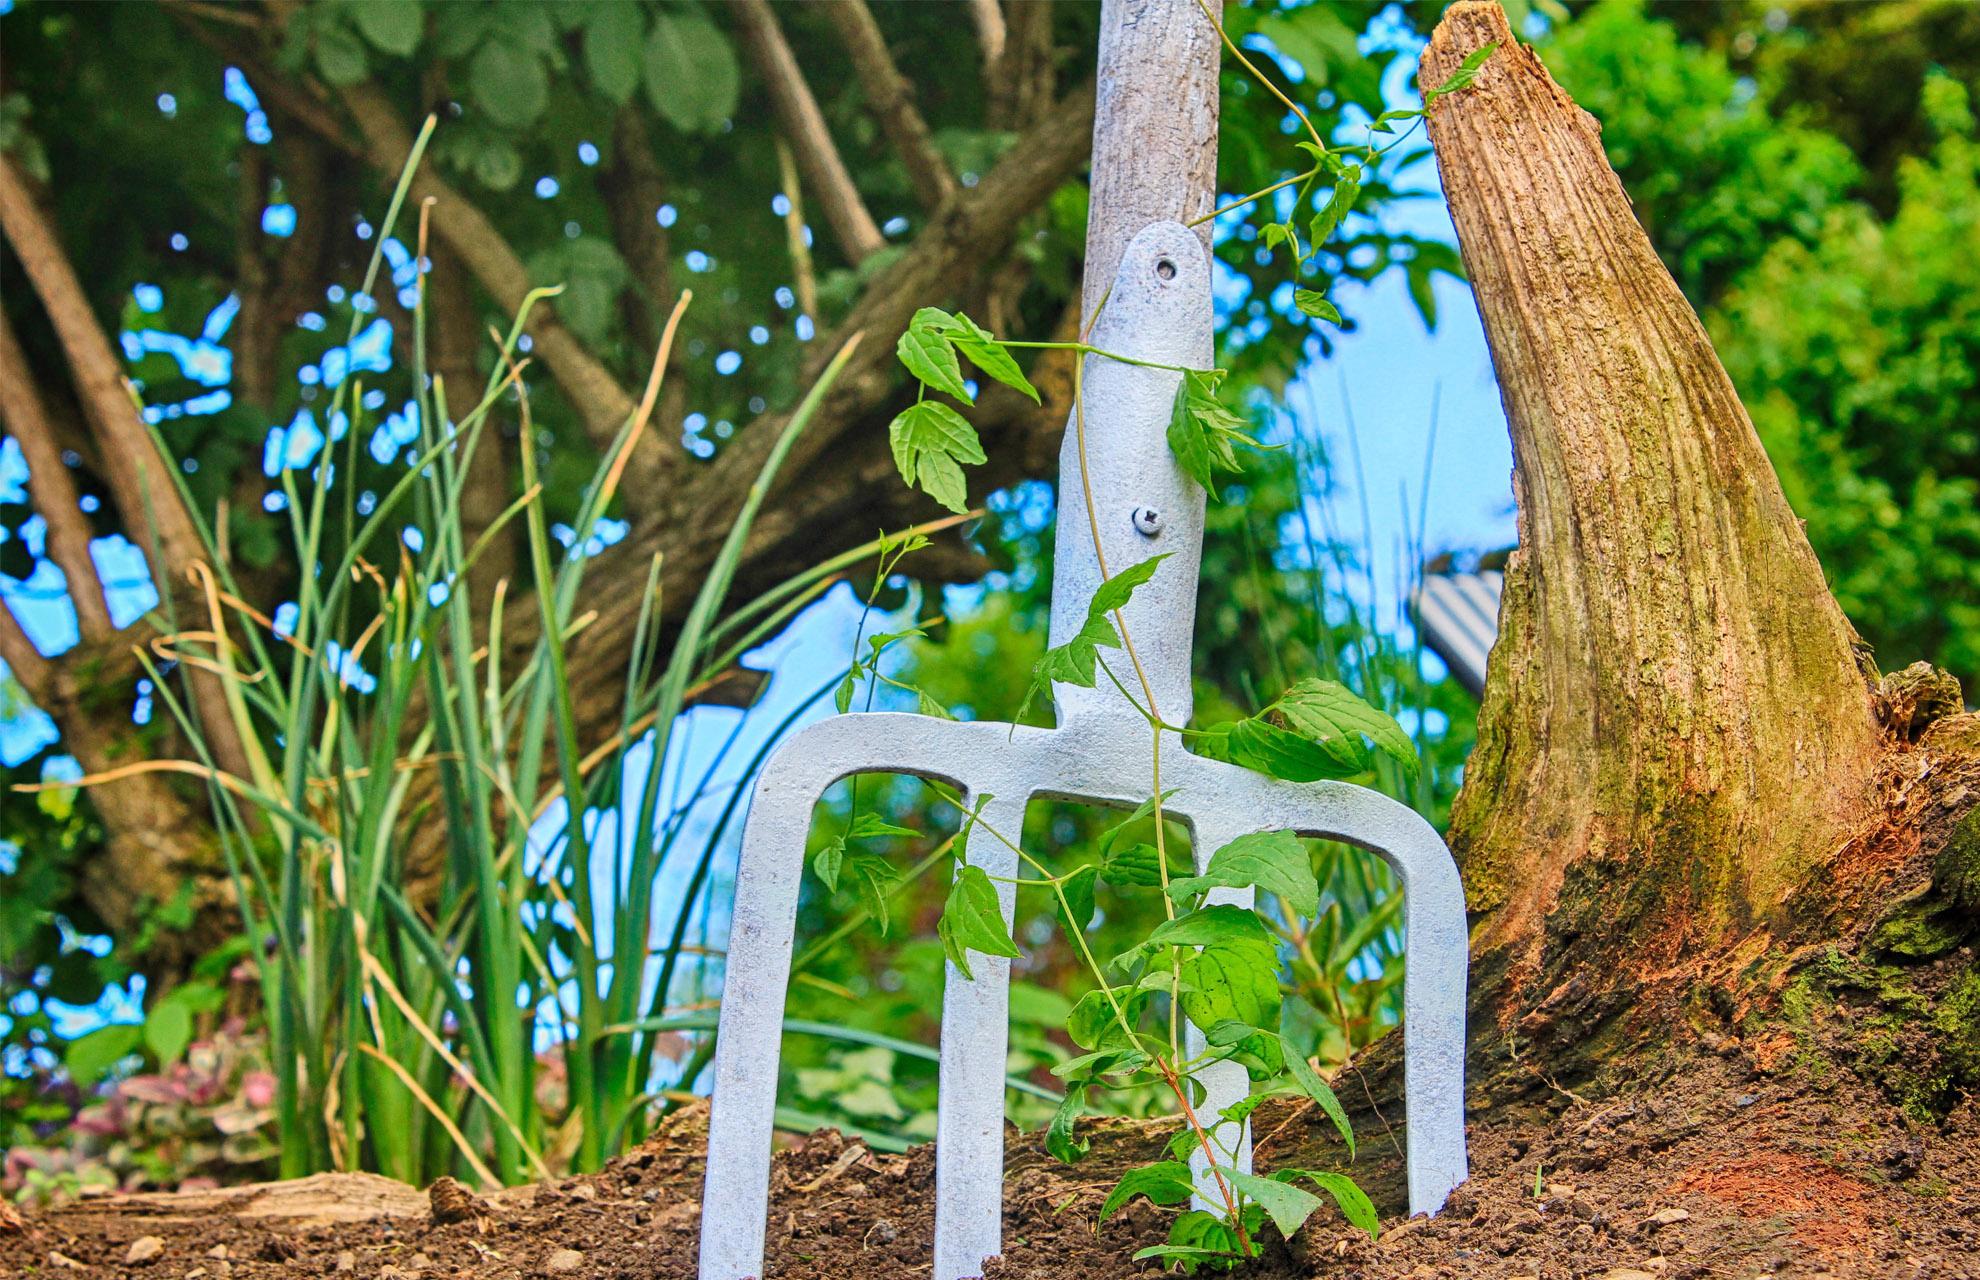 Garten schon reif für den Sommer? Entdecken Sie tolle Produkte von Homalis für jede Jahreszeit